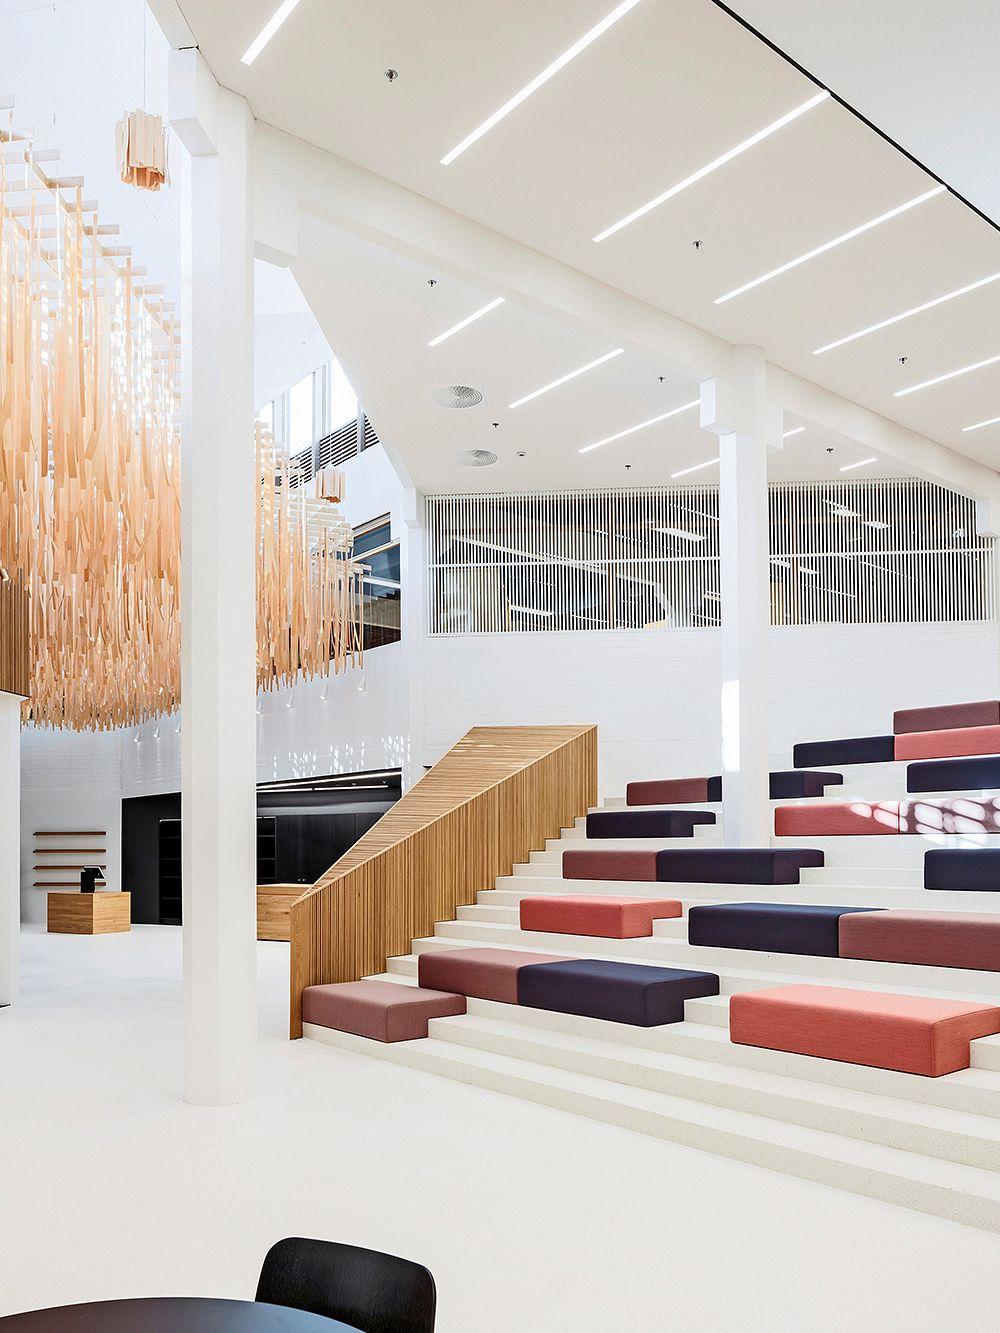 Fyyri Library in Kirkkonummi, Finland